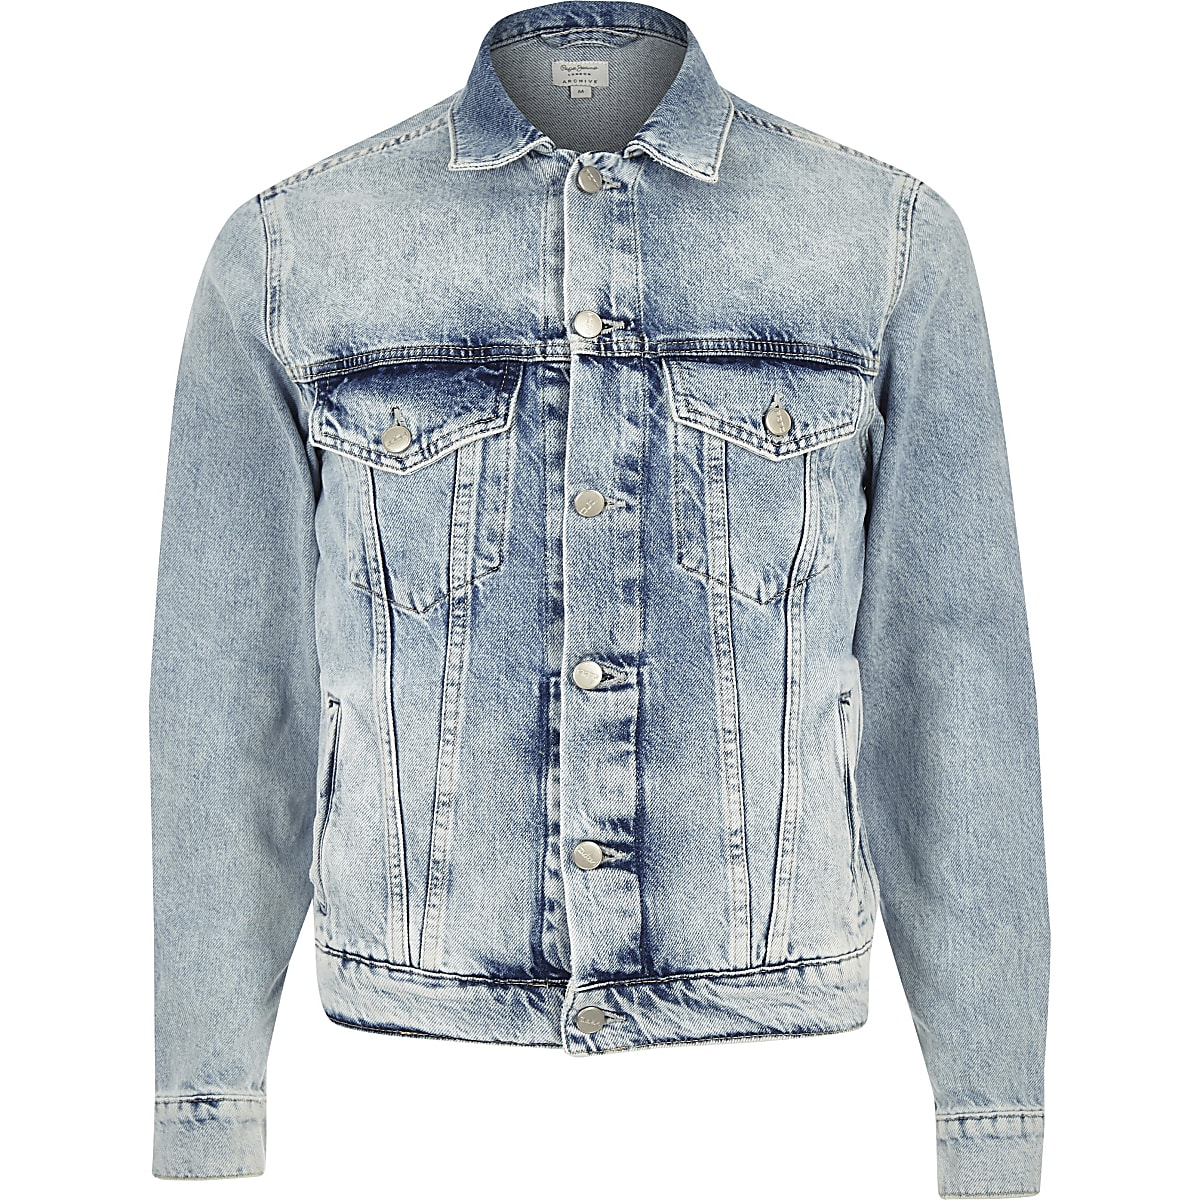 best website f0594 d5bed Pepe Jeans light blue denim jacket